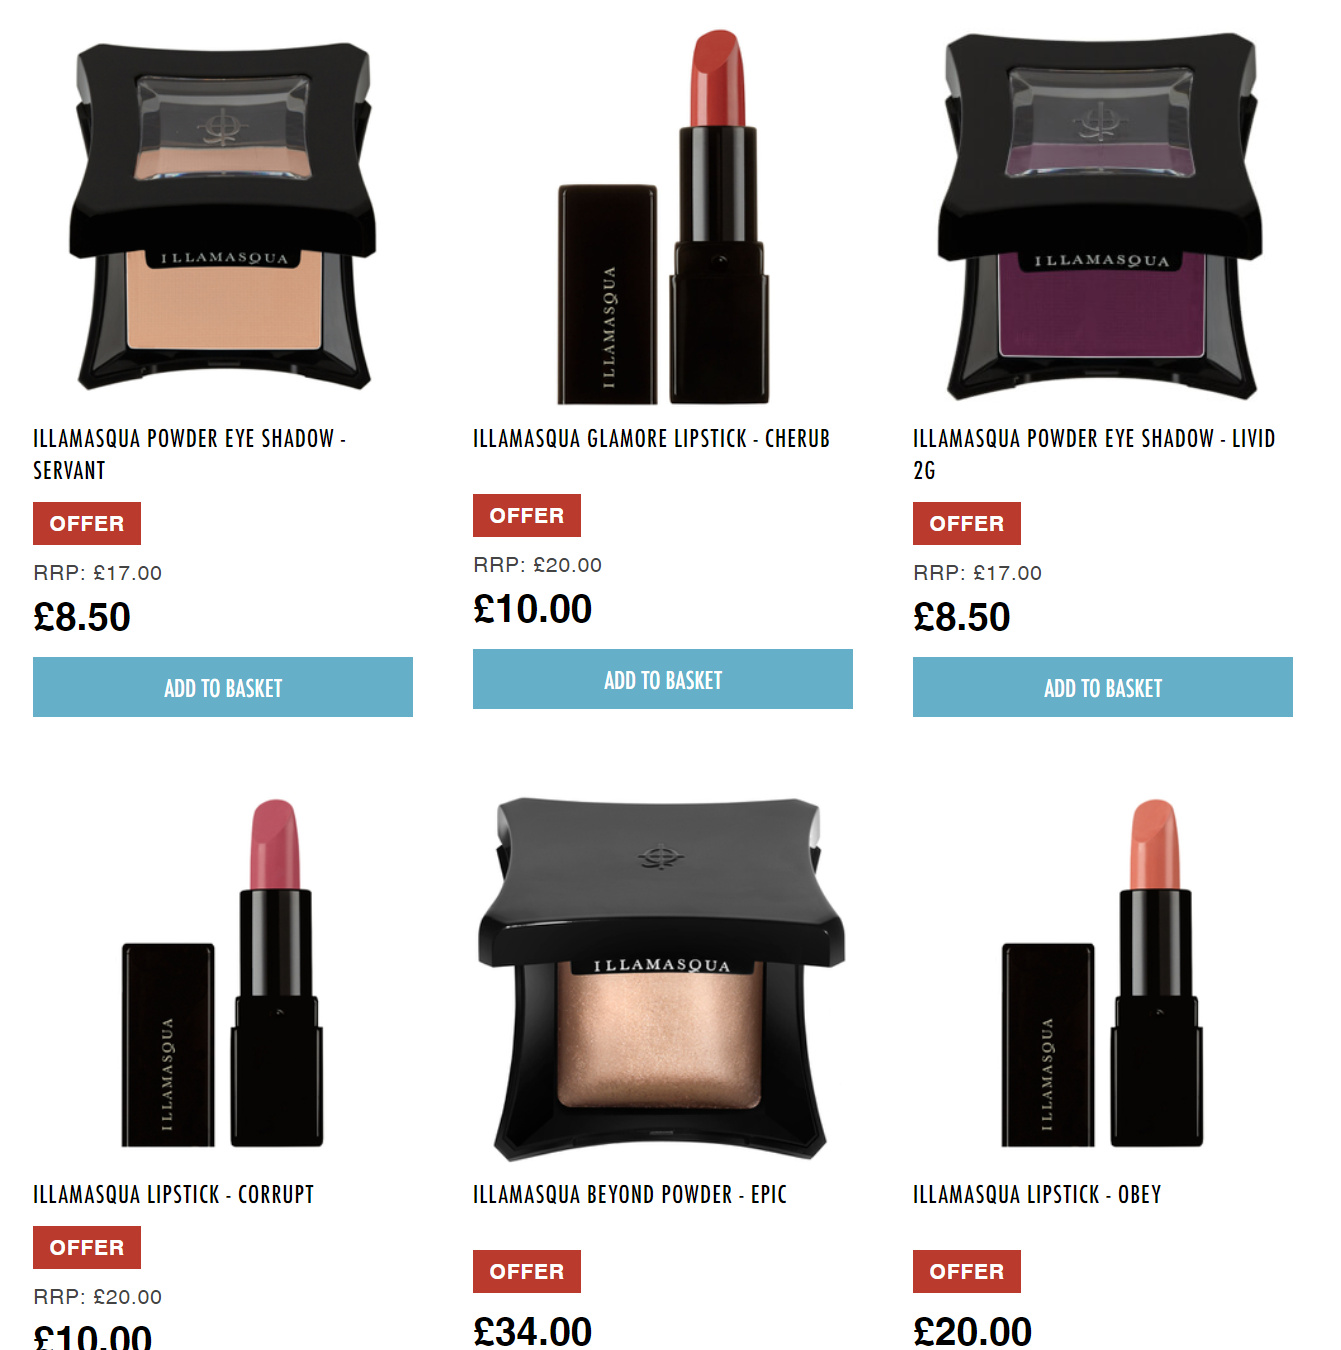 英国大师级彩妆Illamasqua 26%OFF, 还有限量美妆盒!